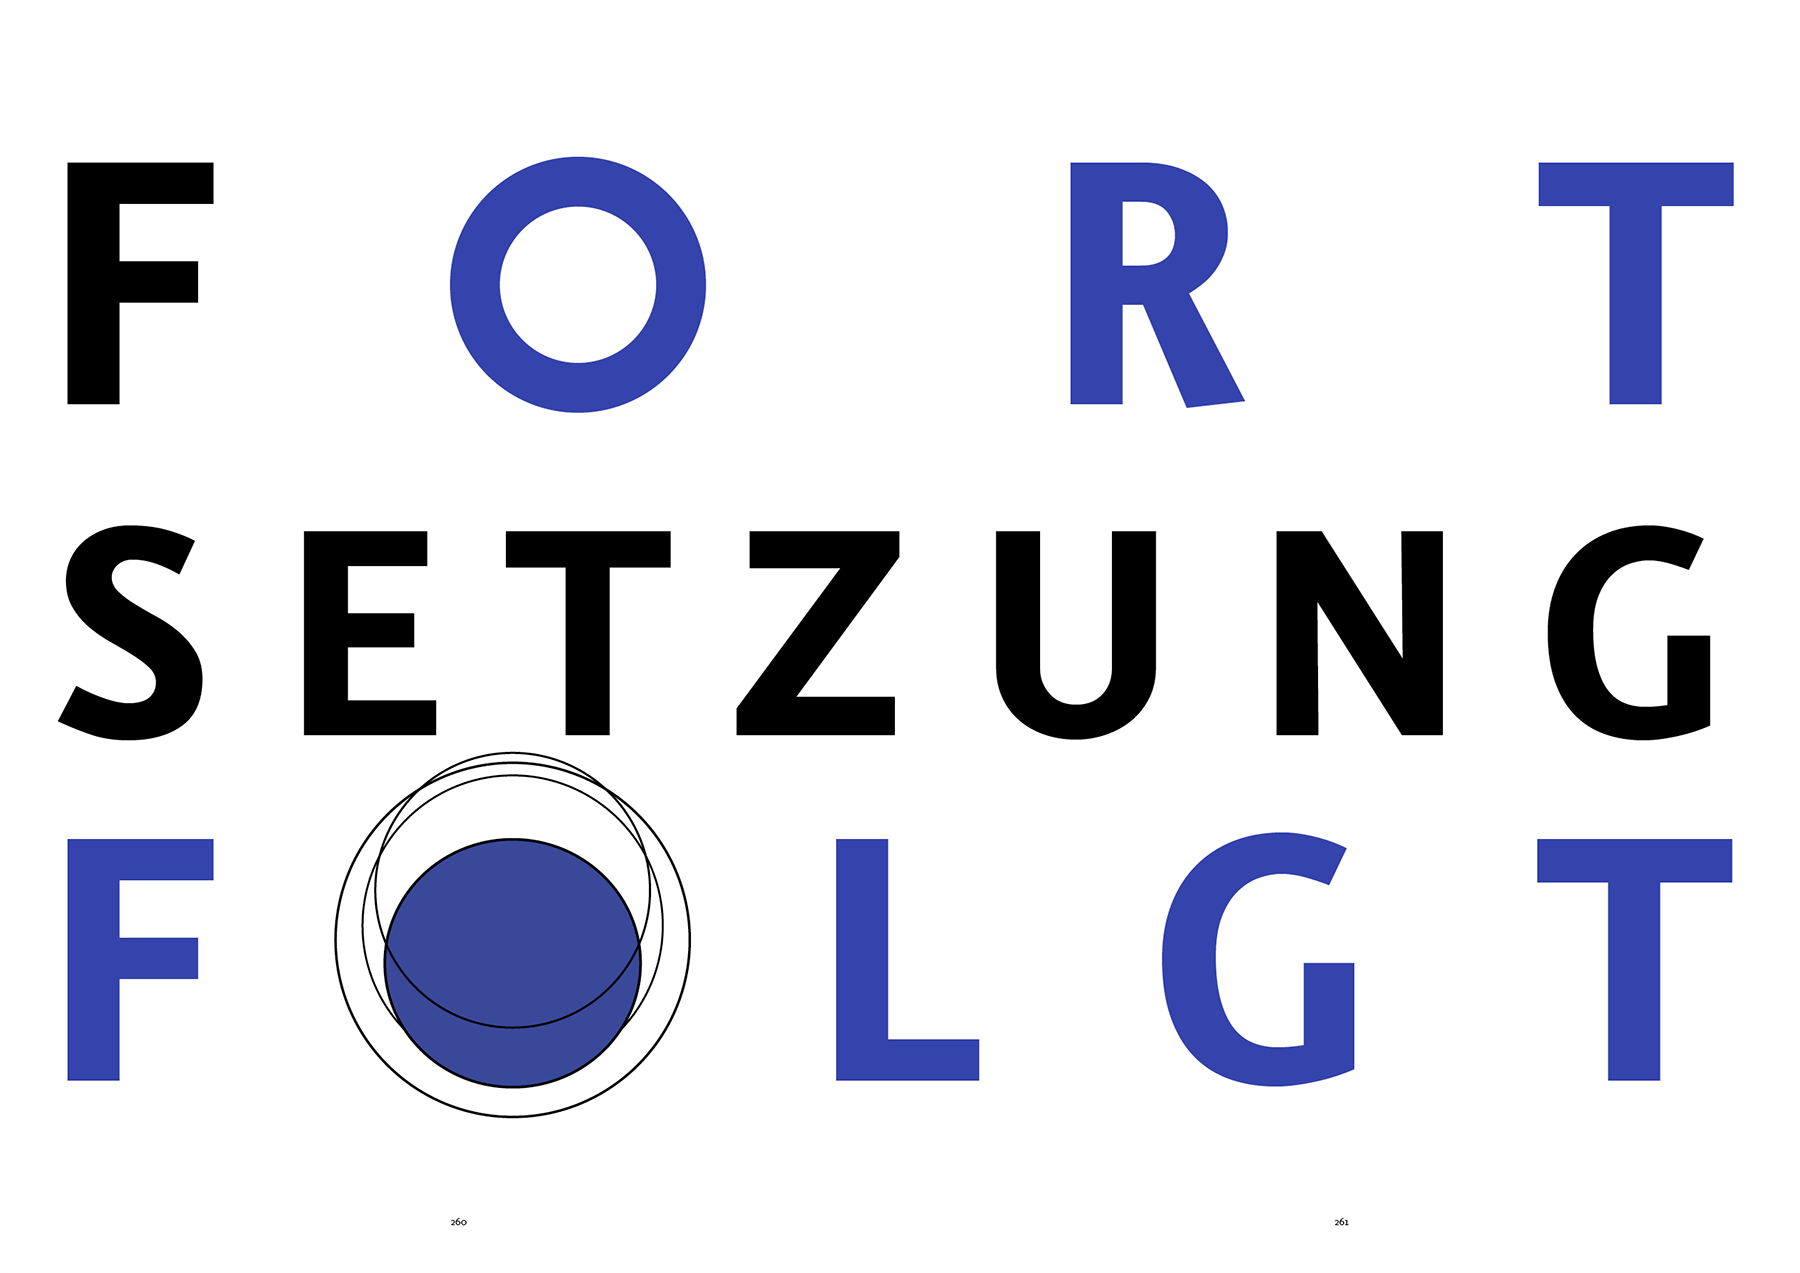 sabine-mescher-sichtung-designbilderbuch-typografie-fort-ort-fortsetzung-folgt.png